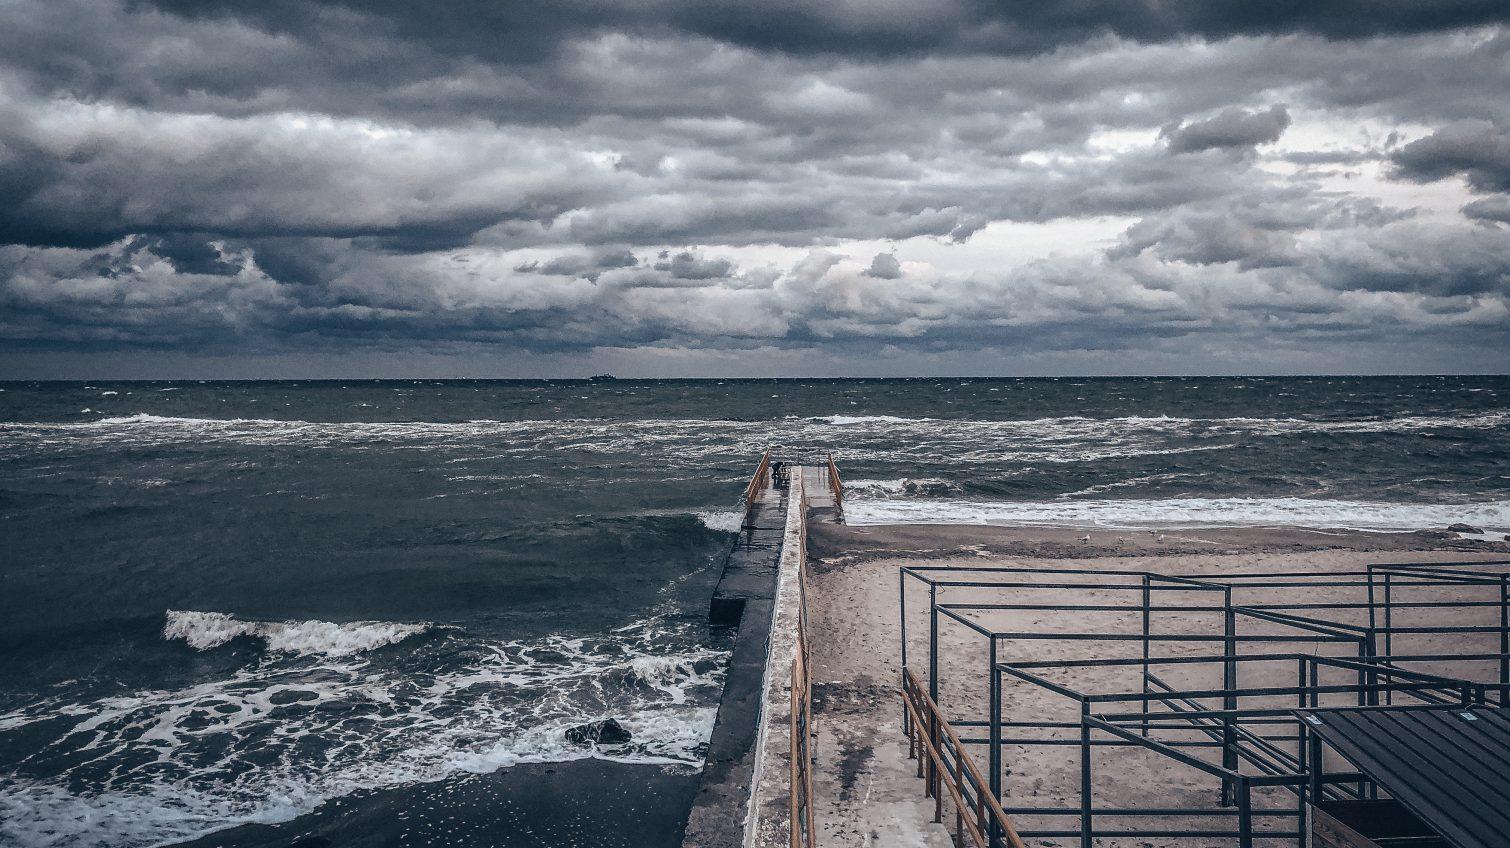 Одессе обещают теплый, но ветренный и дождливый день «фото»